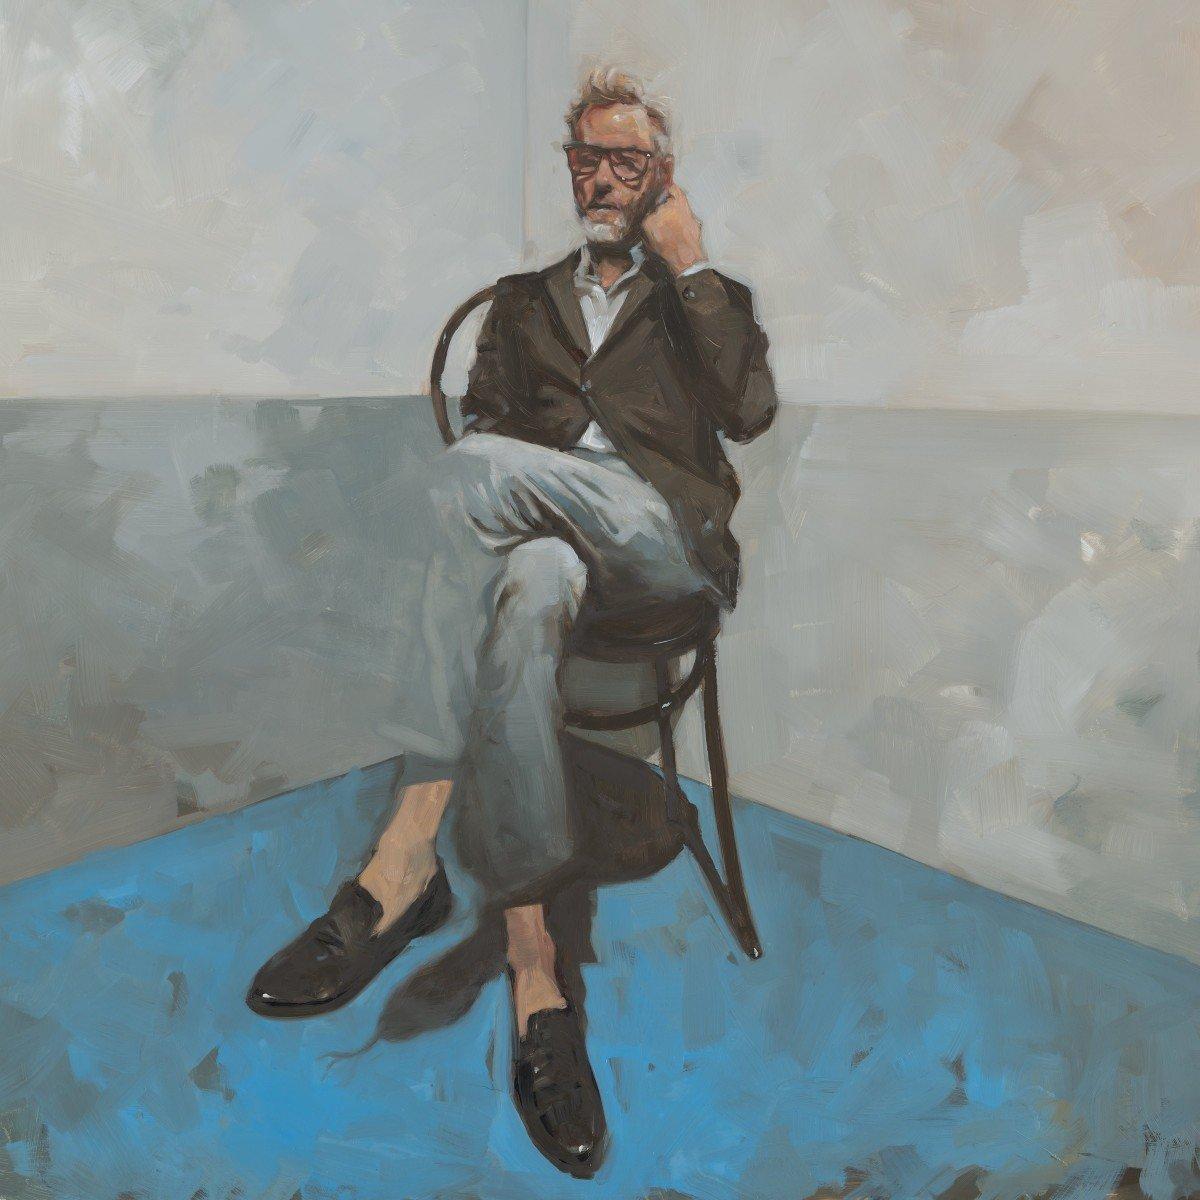 """Matt Berninger 2020 album """"Serpentine Prison"""" cover artwork"""